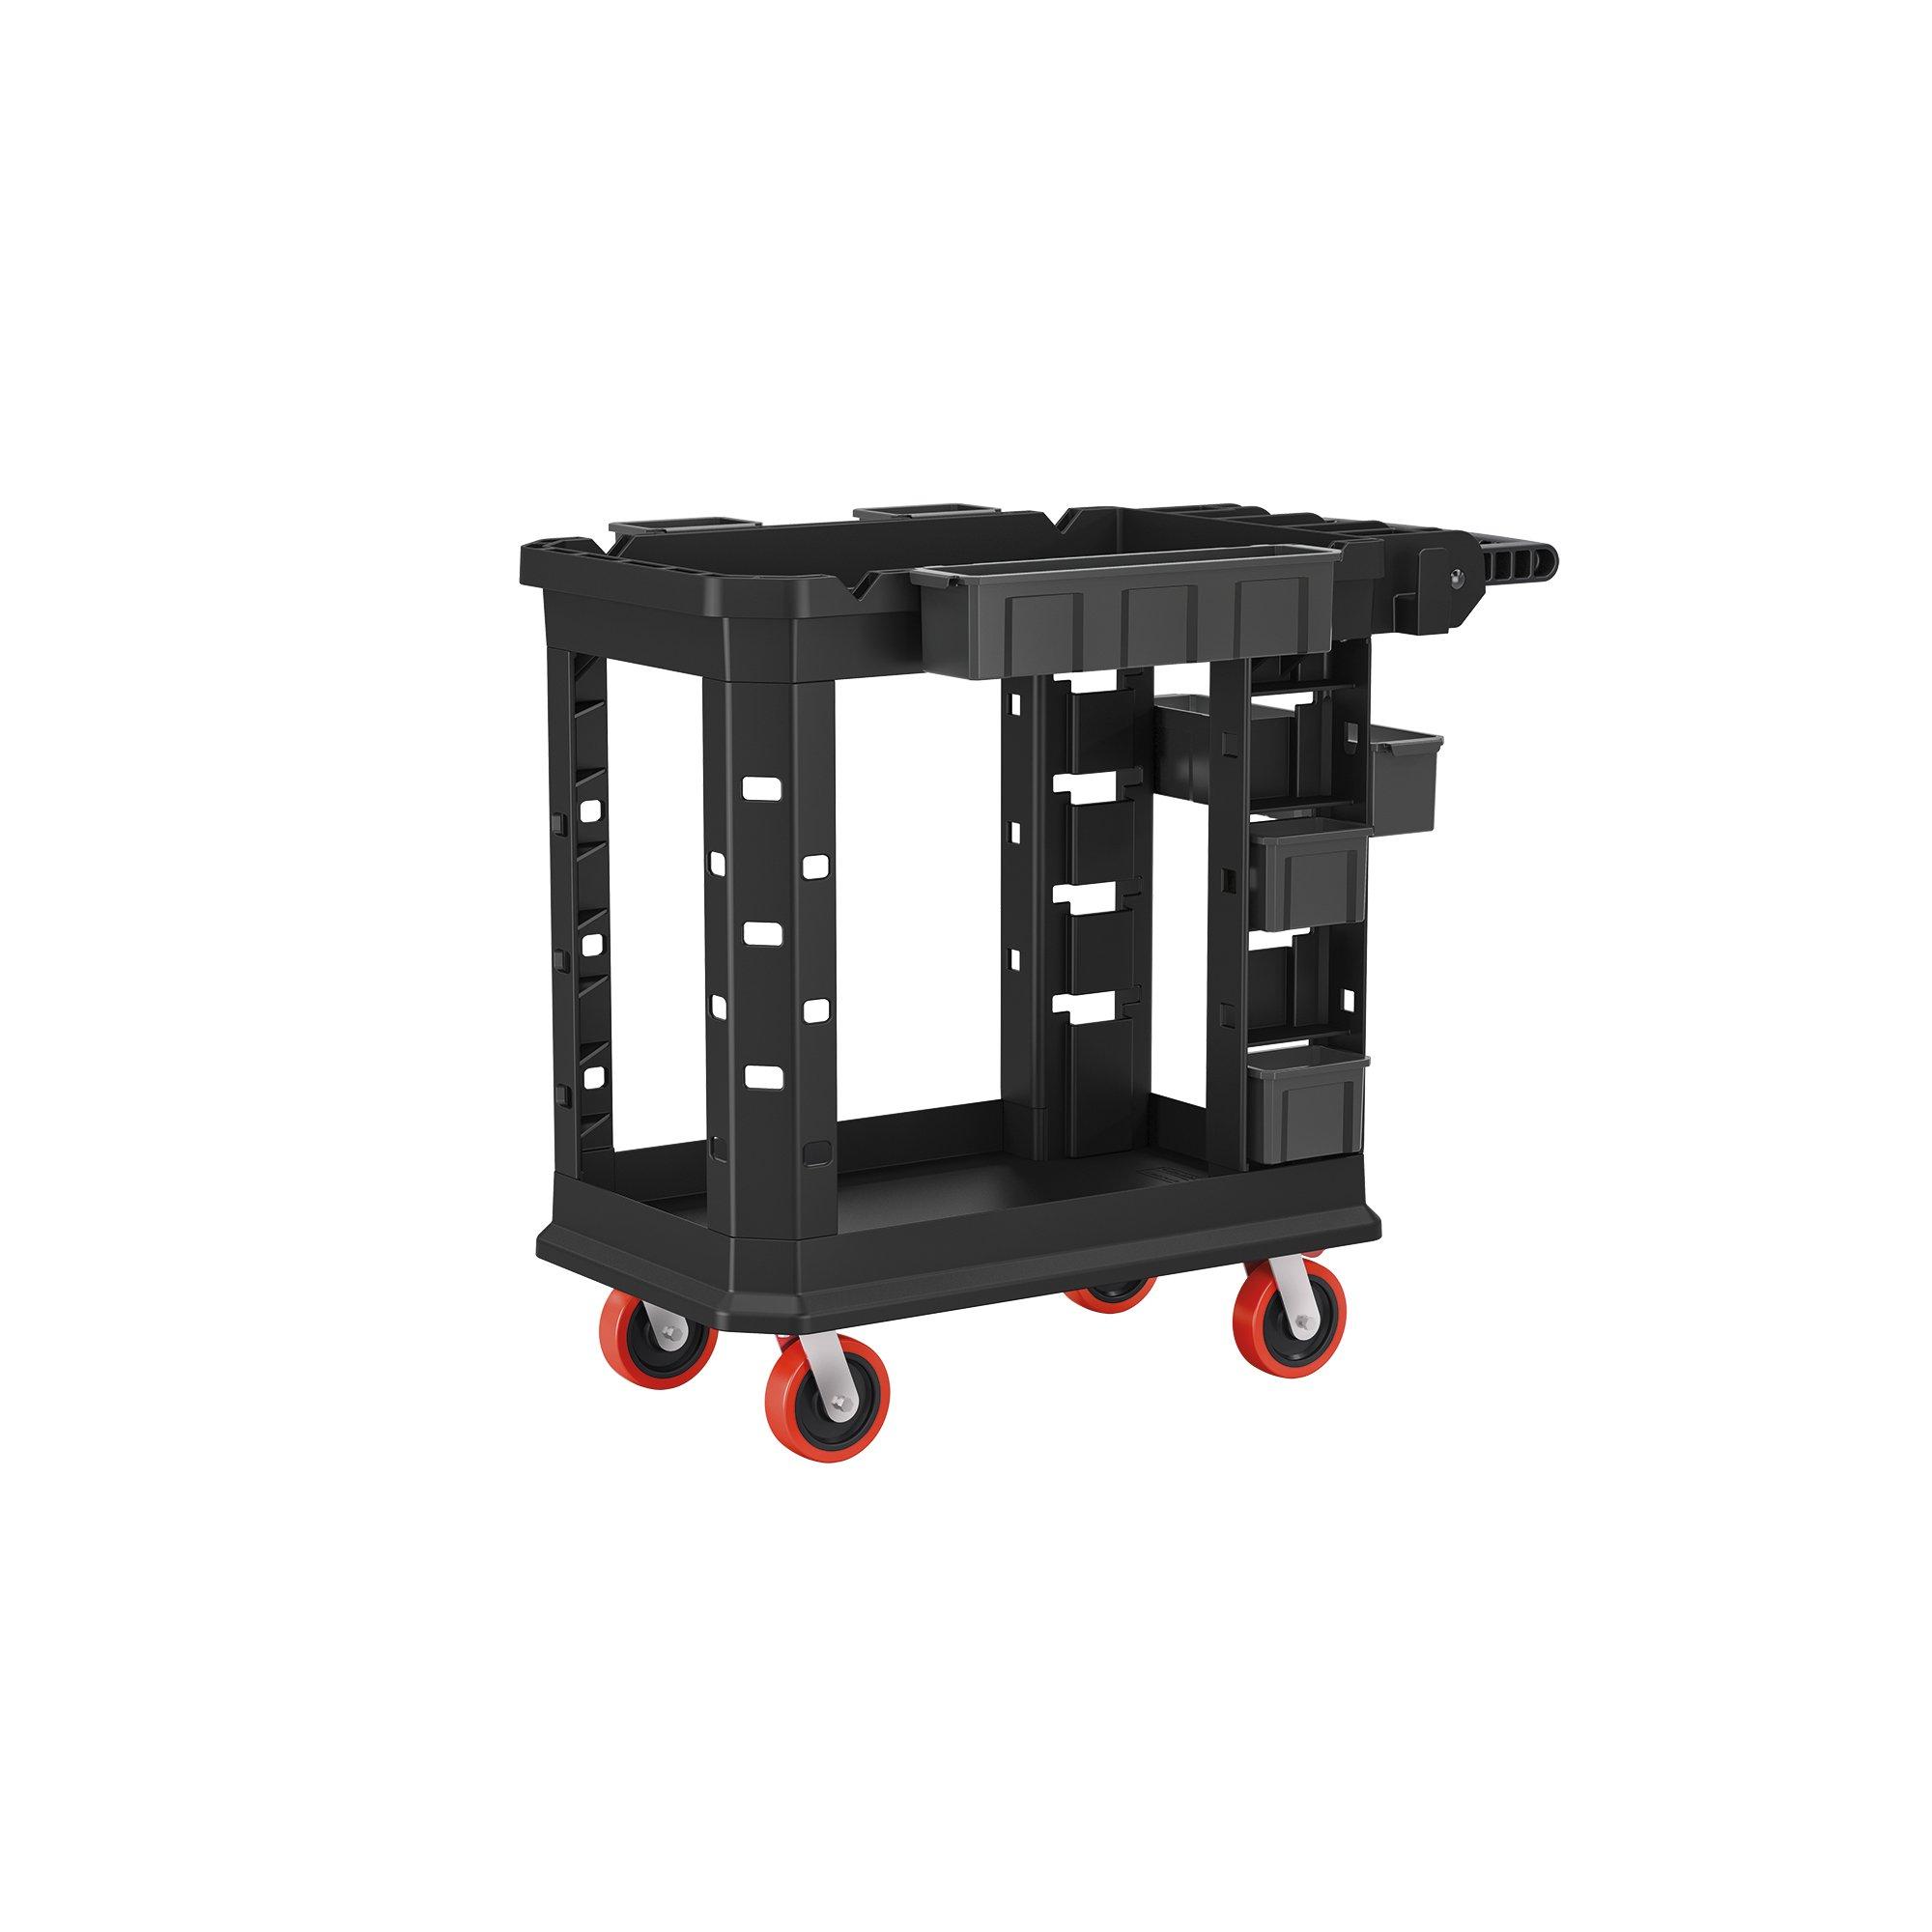 Suncast Commercial PUCHD1937 Utility Cart, Heavy Duty Plus 19 x 37, 500 Pounds Load Capacity, black